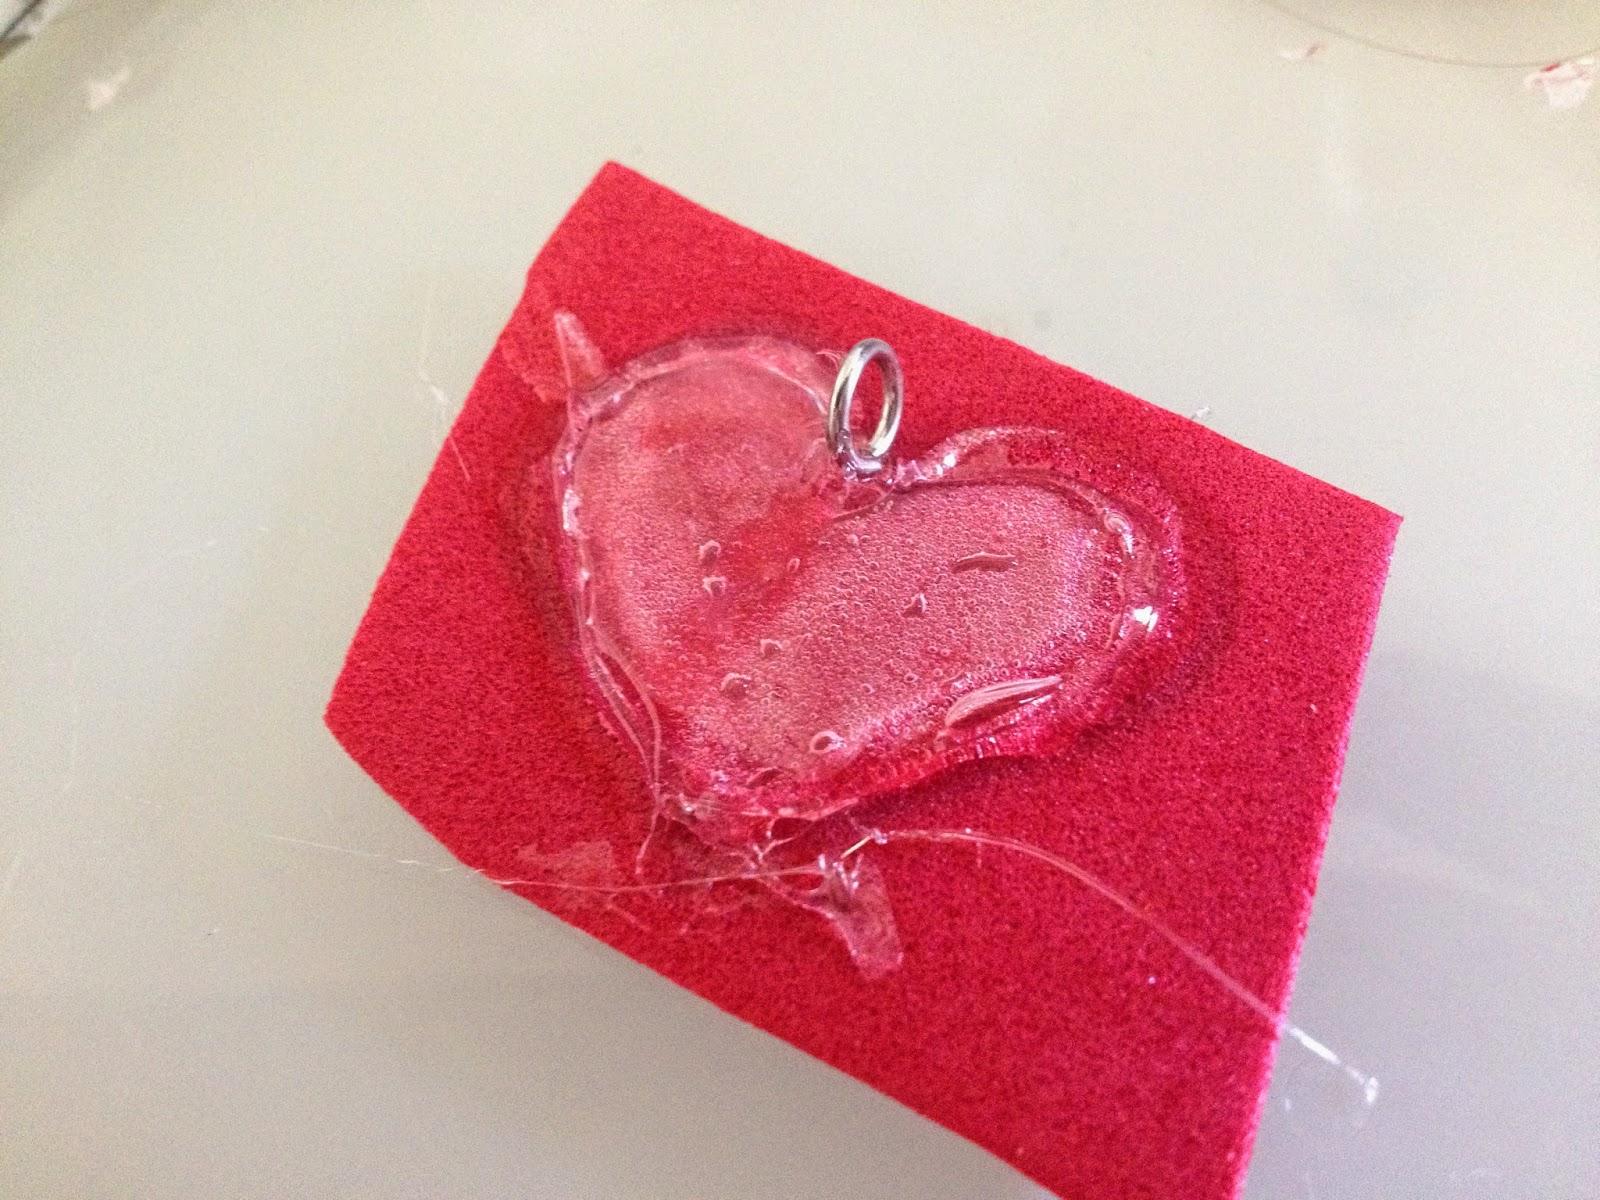 Les diy de fishounette coeur transparent au pistolet colle - Diy pistolet a colle ...